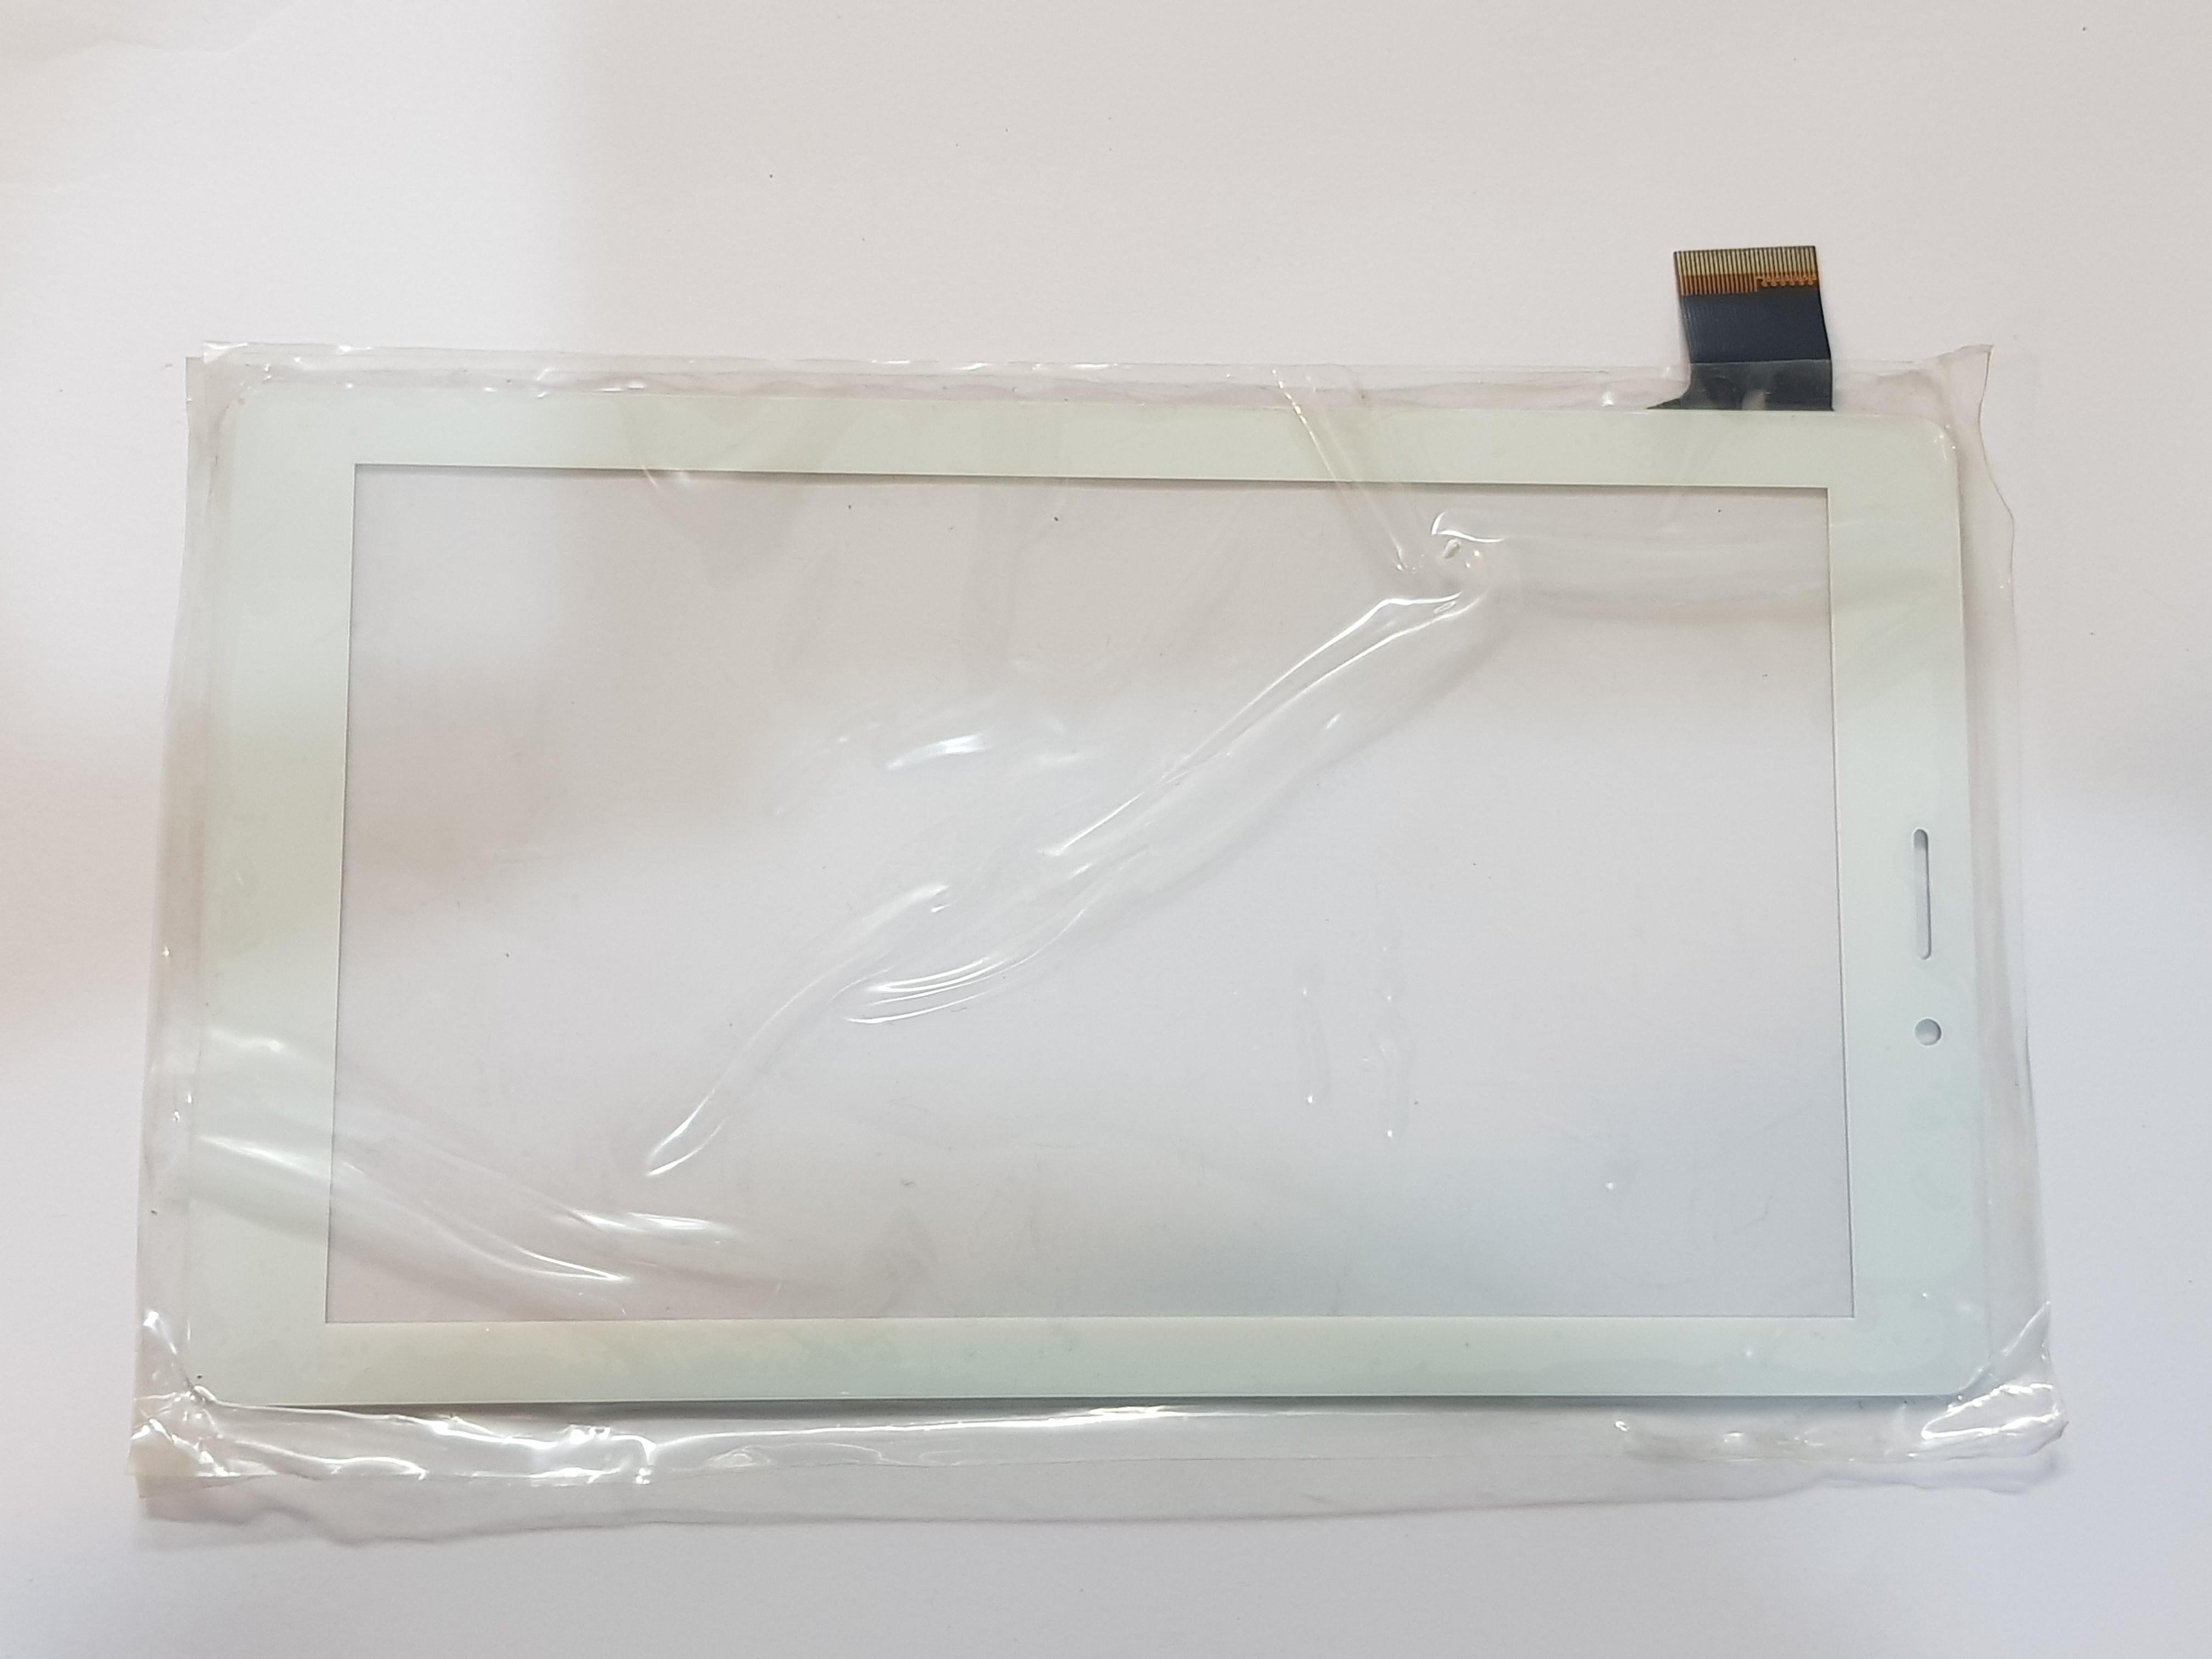 تاچ تبلت چینی شماره شش - Touch Screen CHINA Tablet No.6